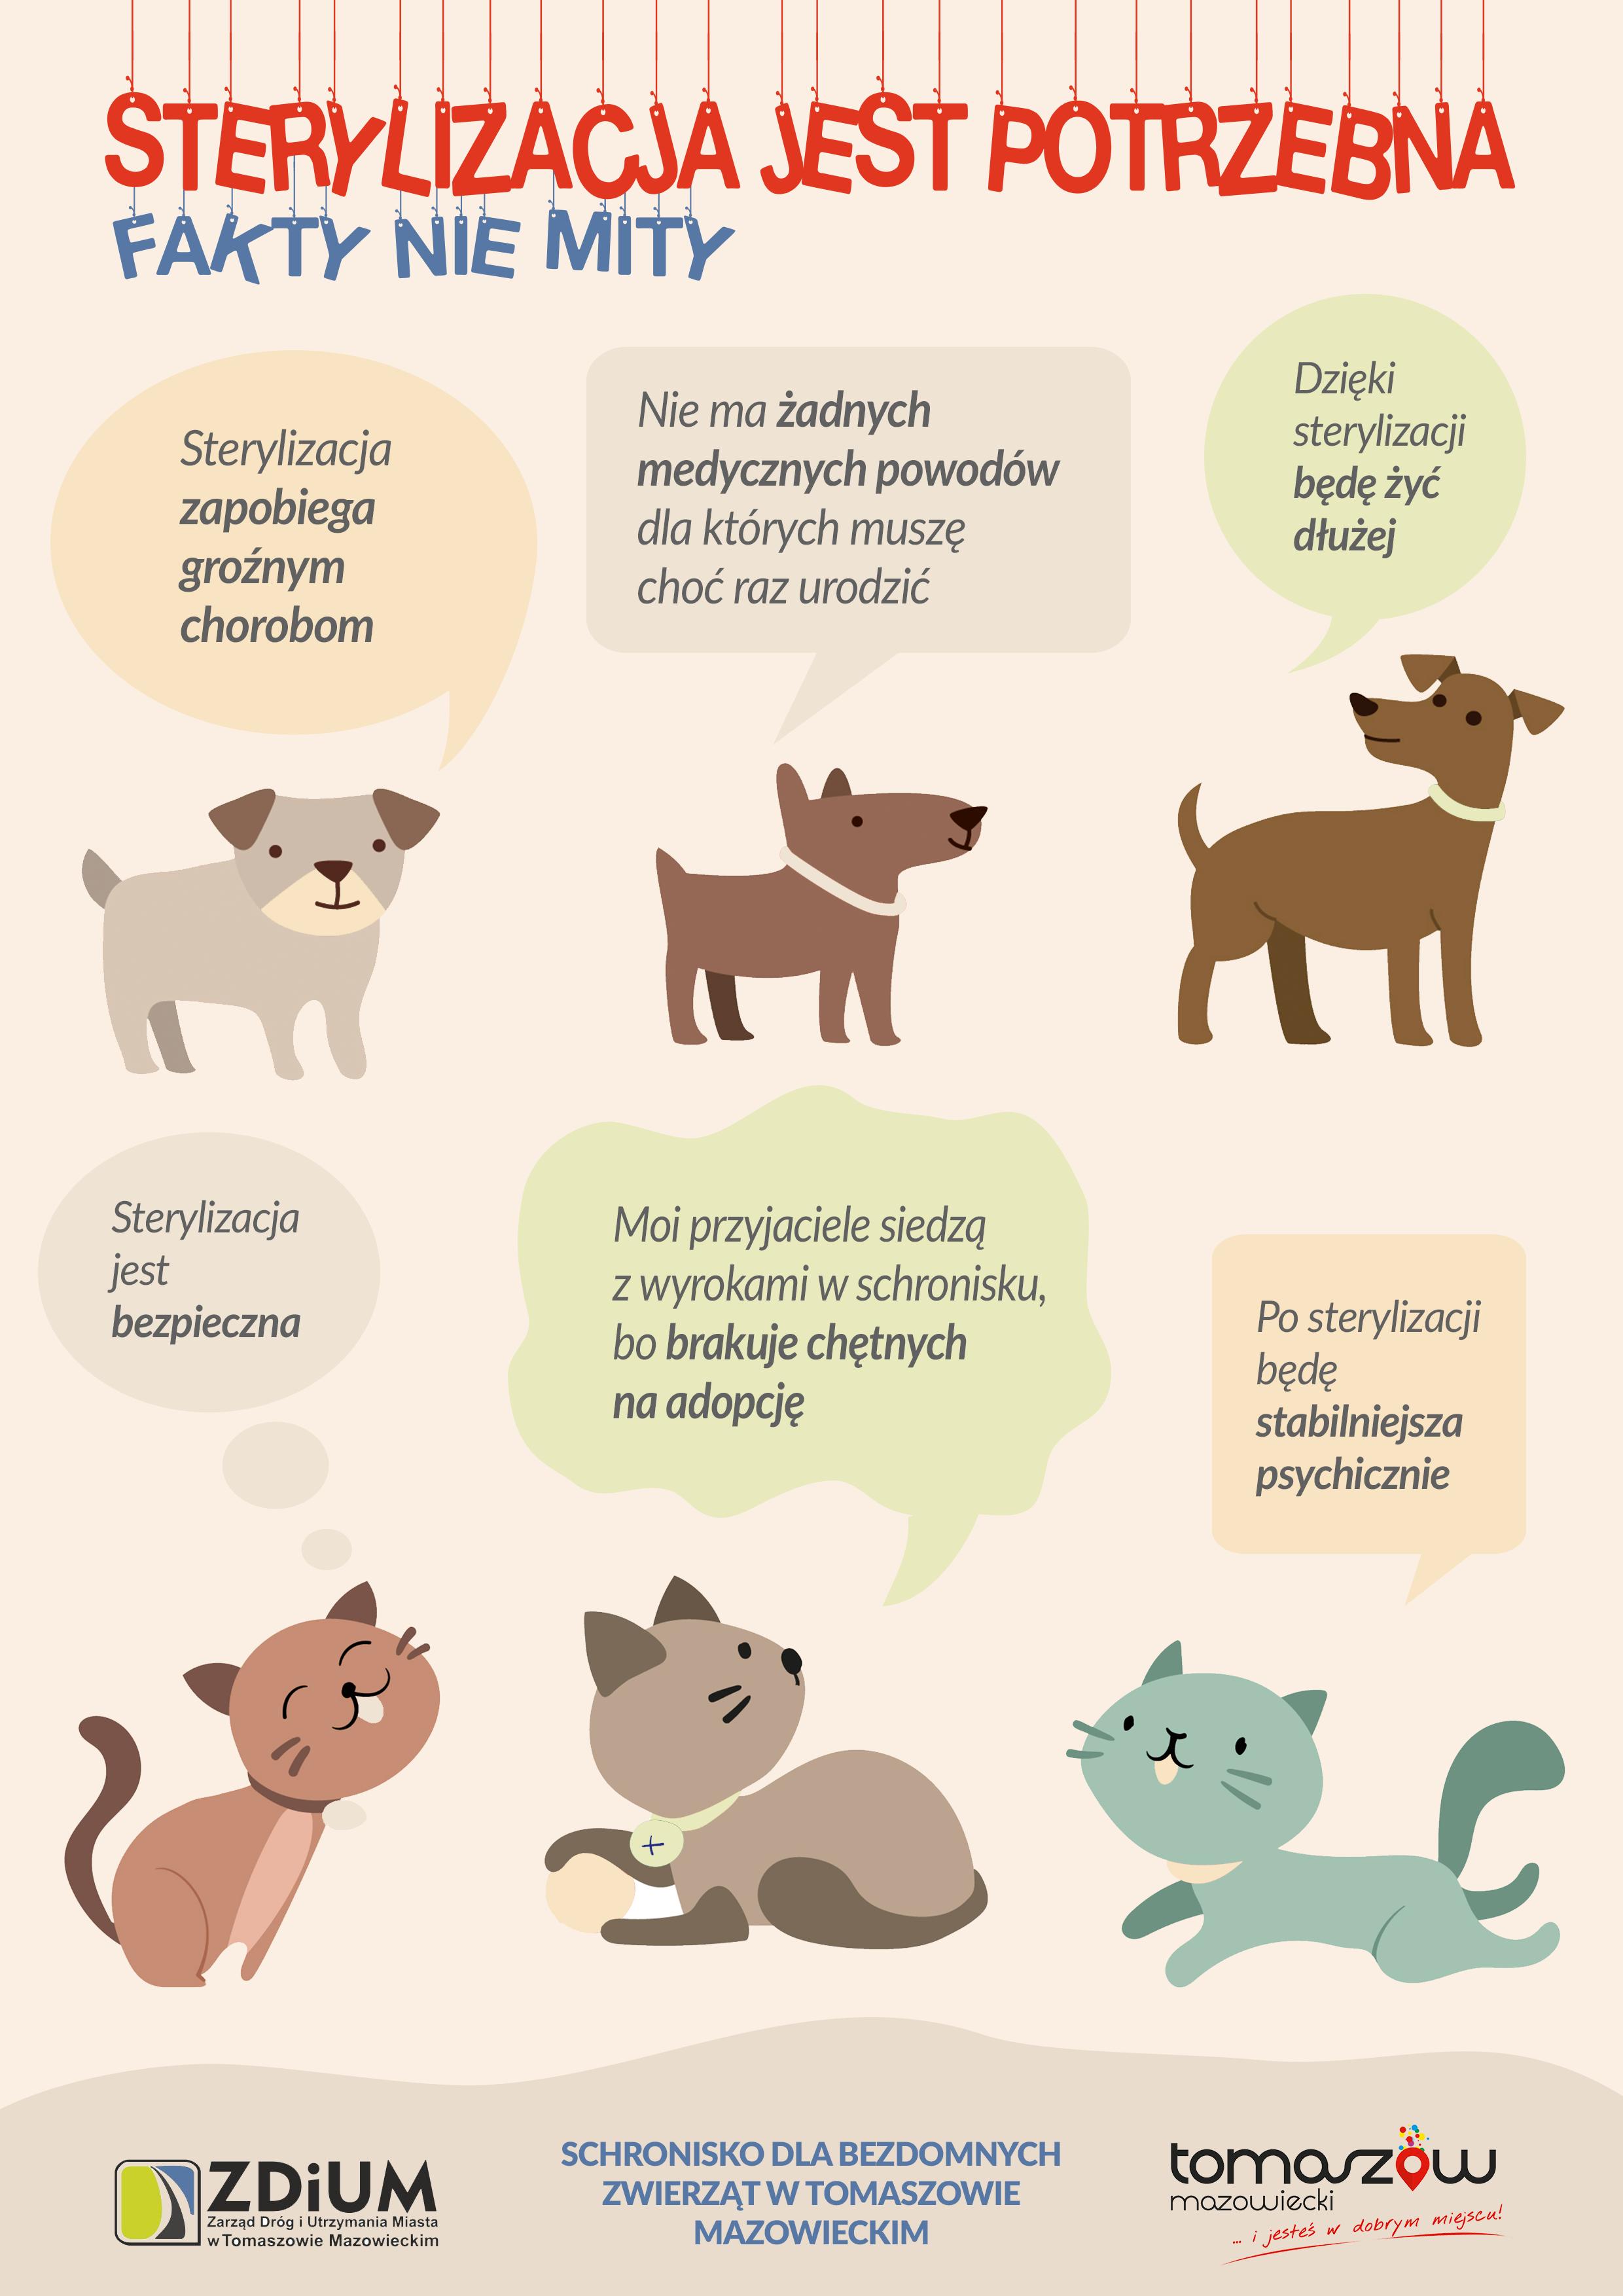 grafika różowa ze kotami i psami oraz informacjami o sterylizacji